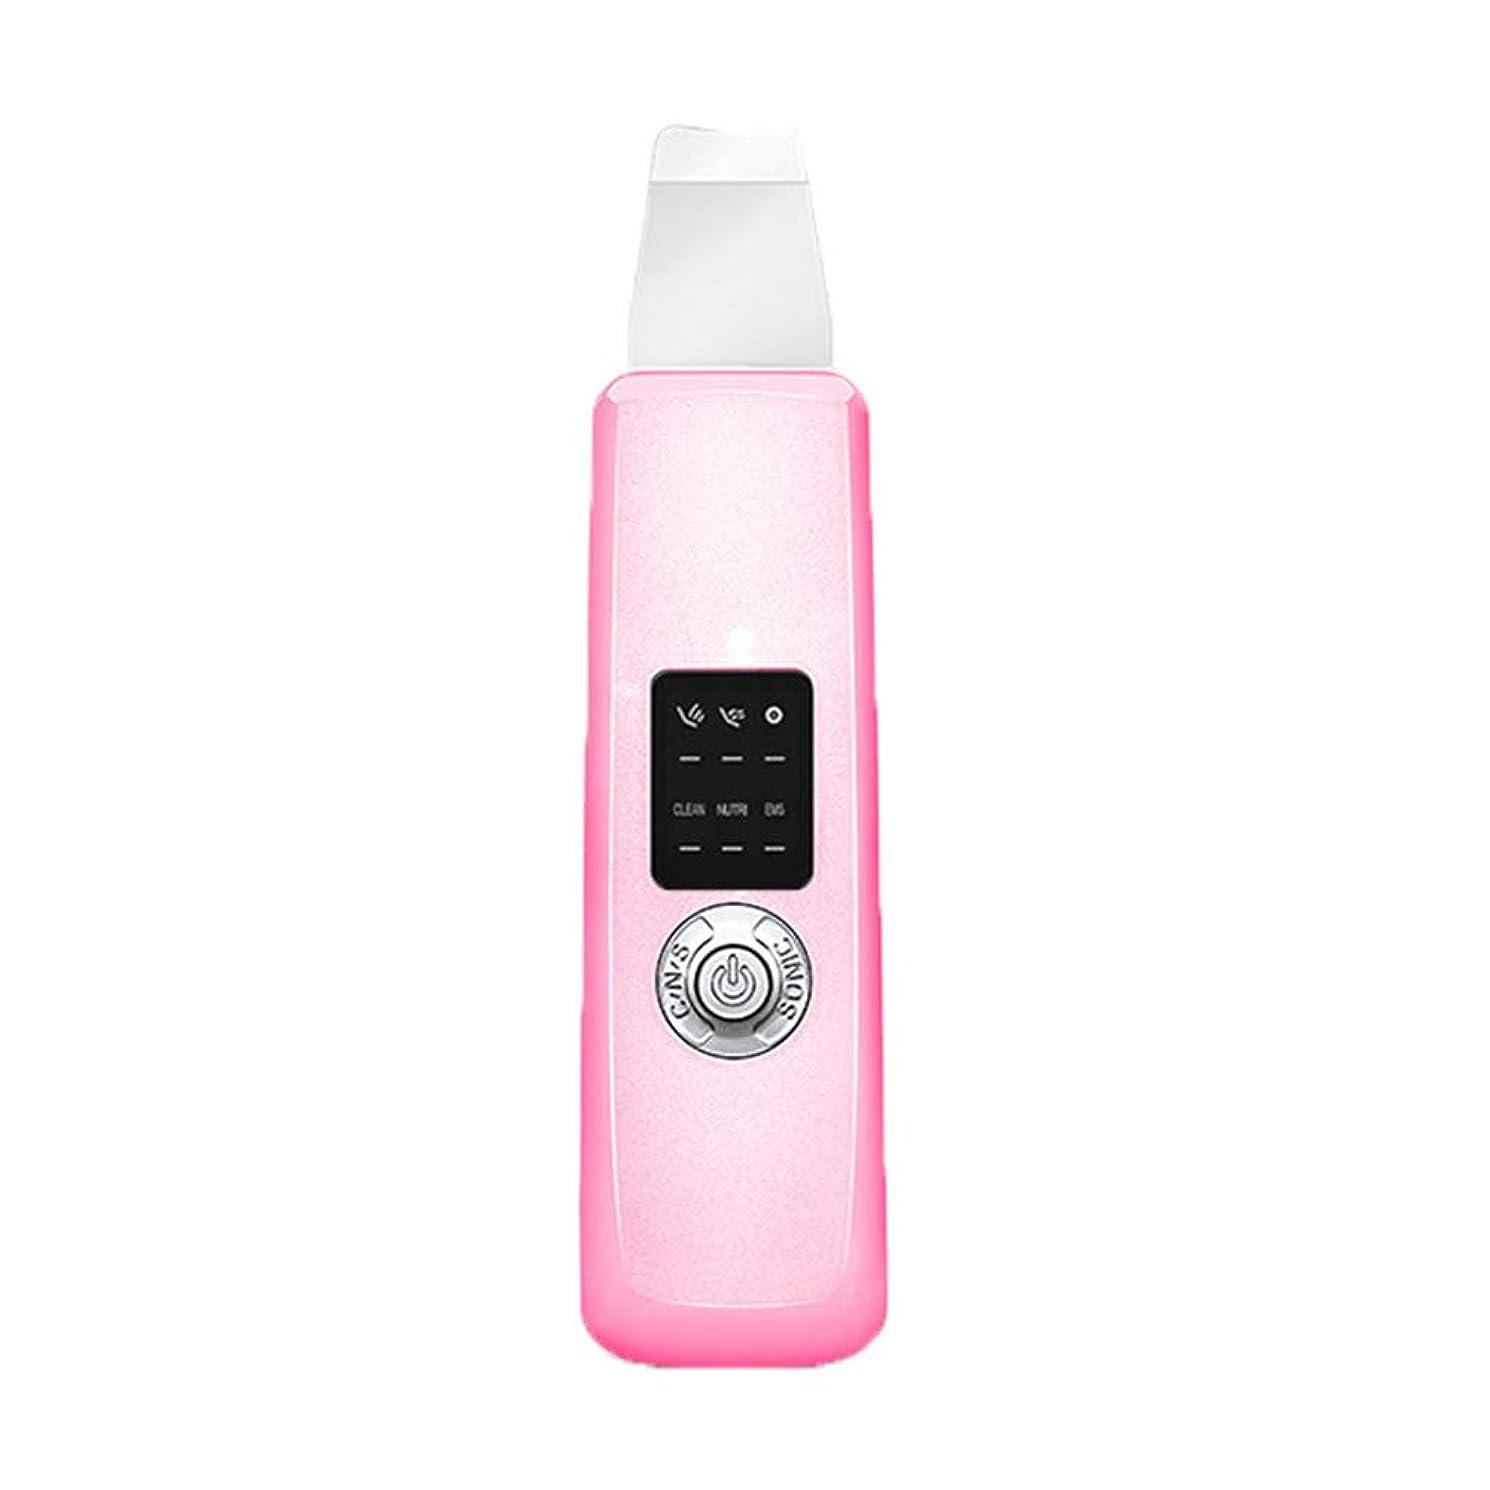 パレード回想起訴するにきび除去剤、にきび毛穴クリーナーにきびに電気吸引ブラックヘッドアーティファクト電子美容洗剤,ピンク